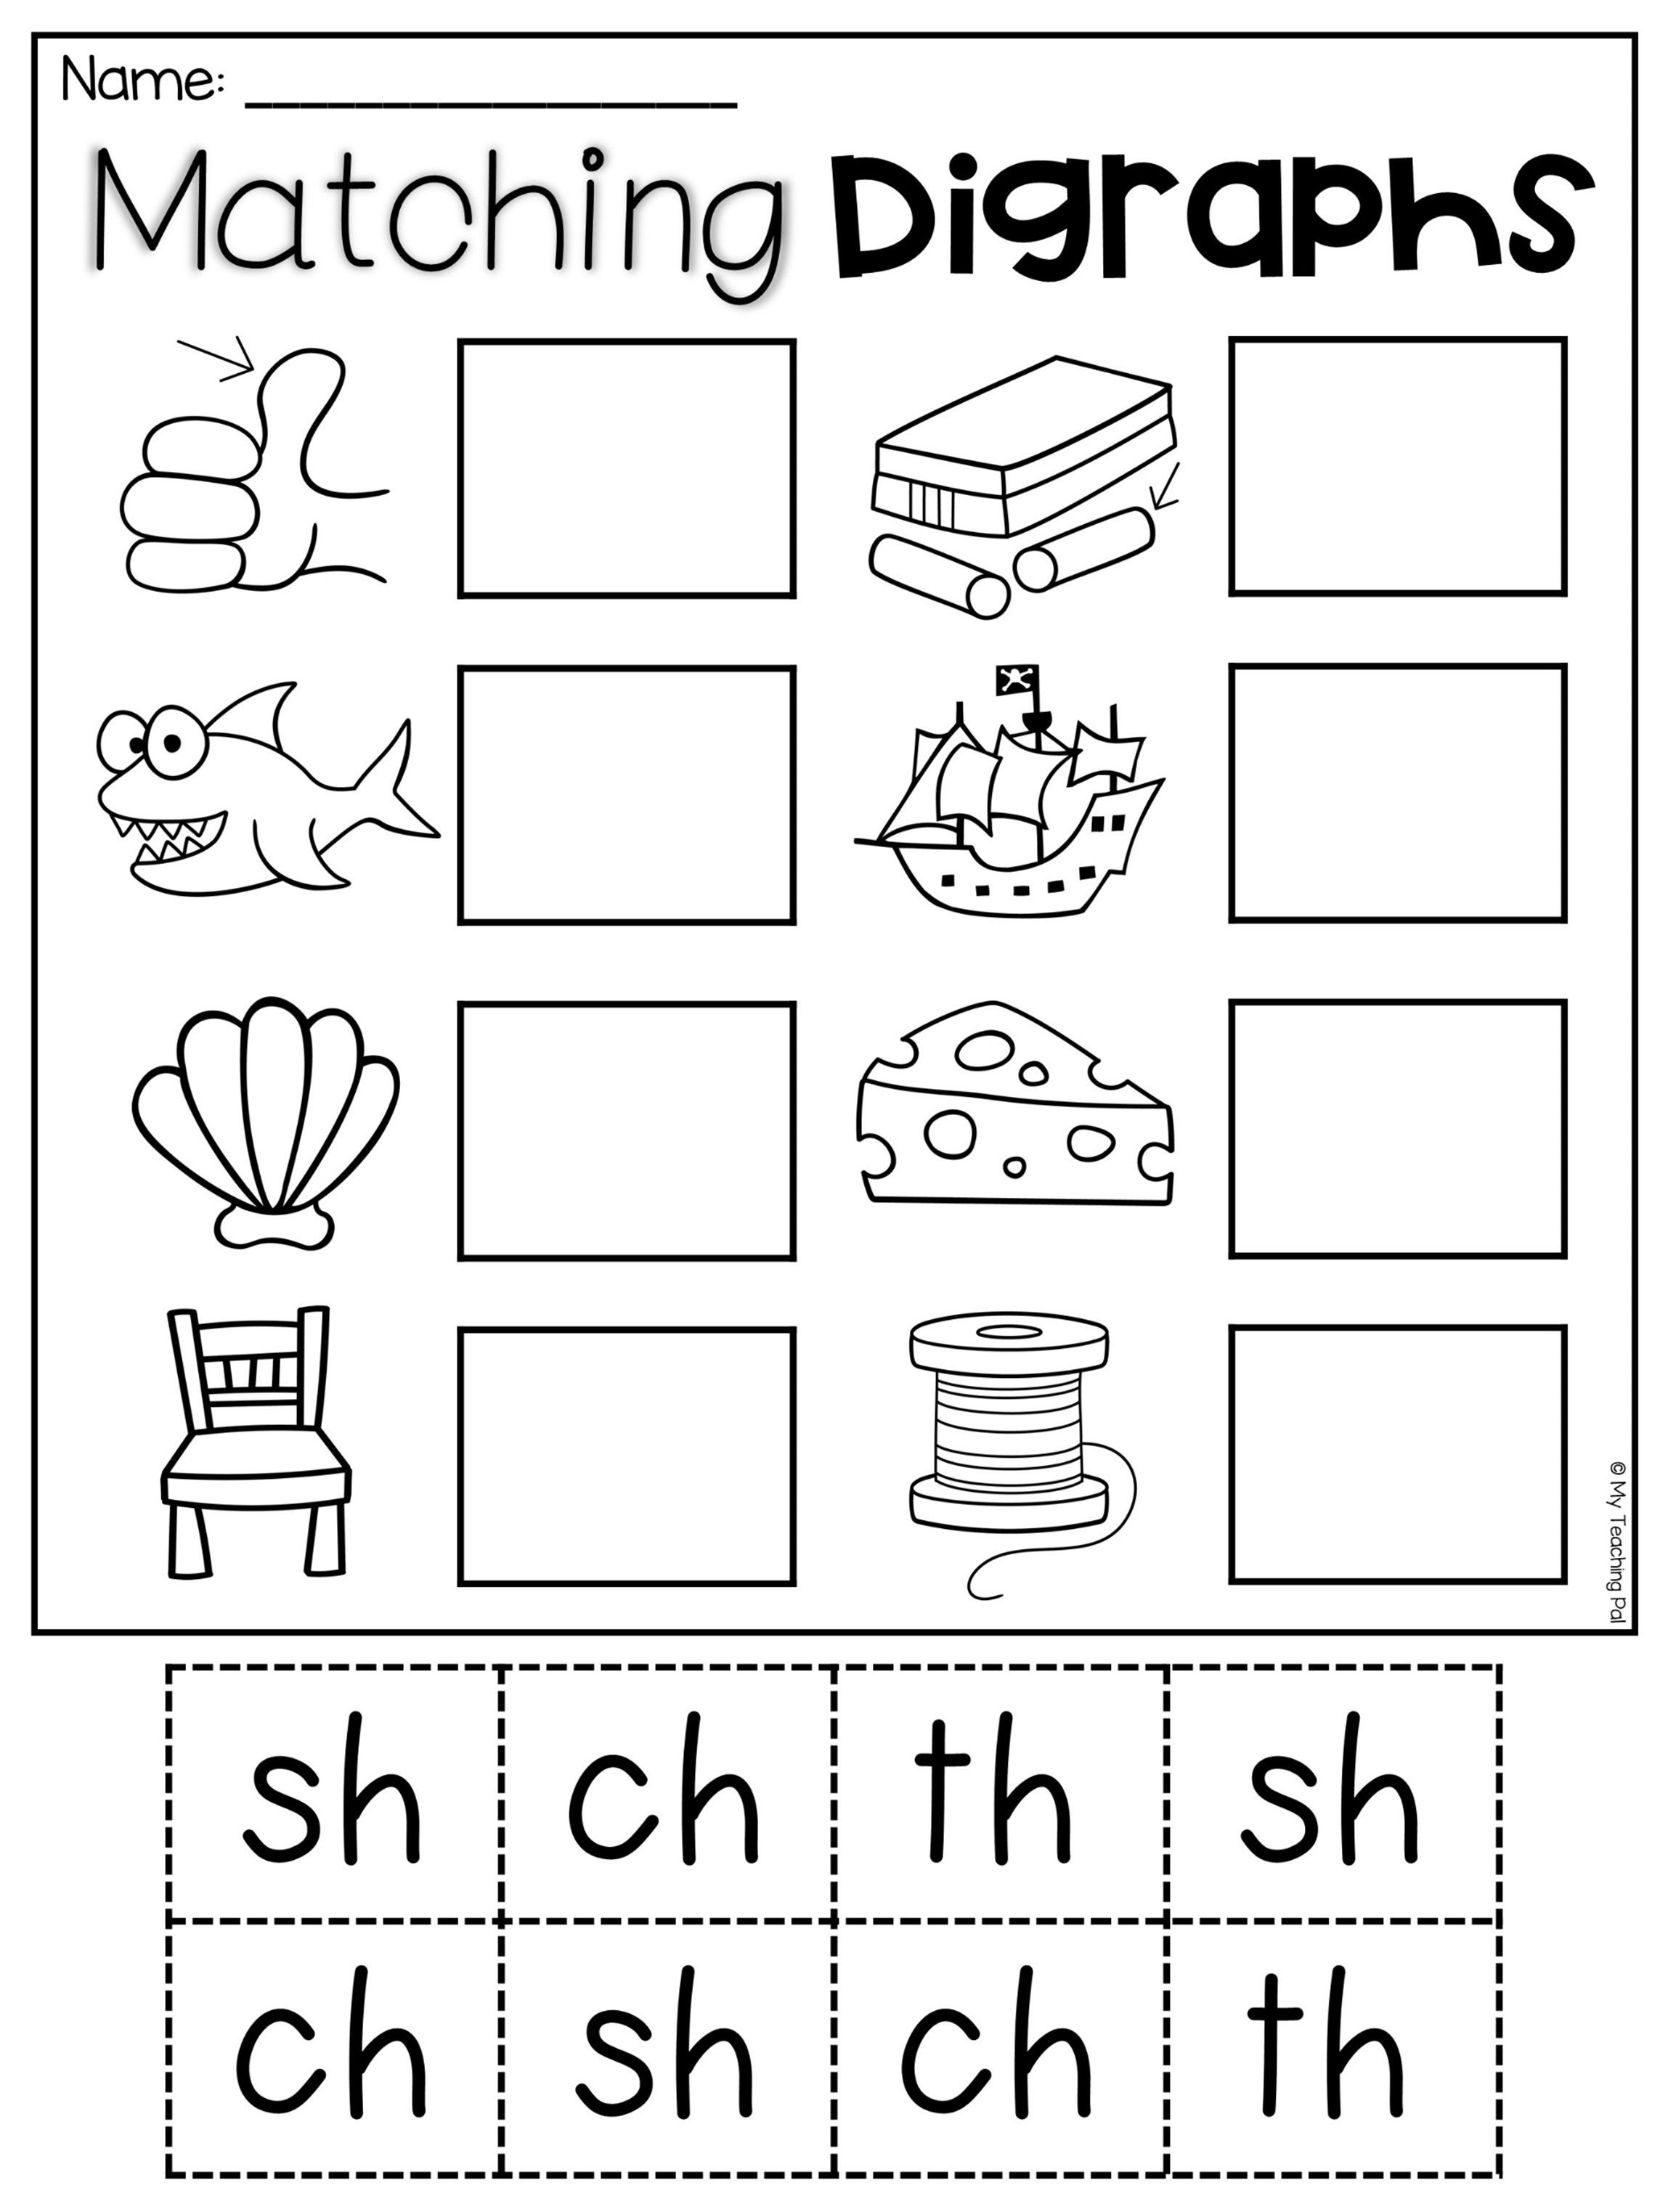 Matching digraphs worksheet for sh [ 3047 x 2297 Pixel ]